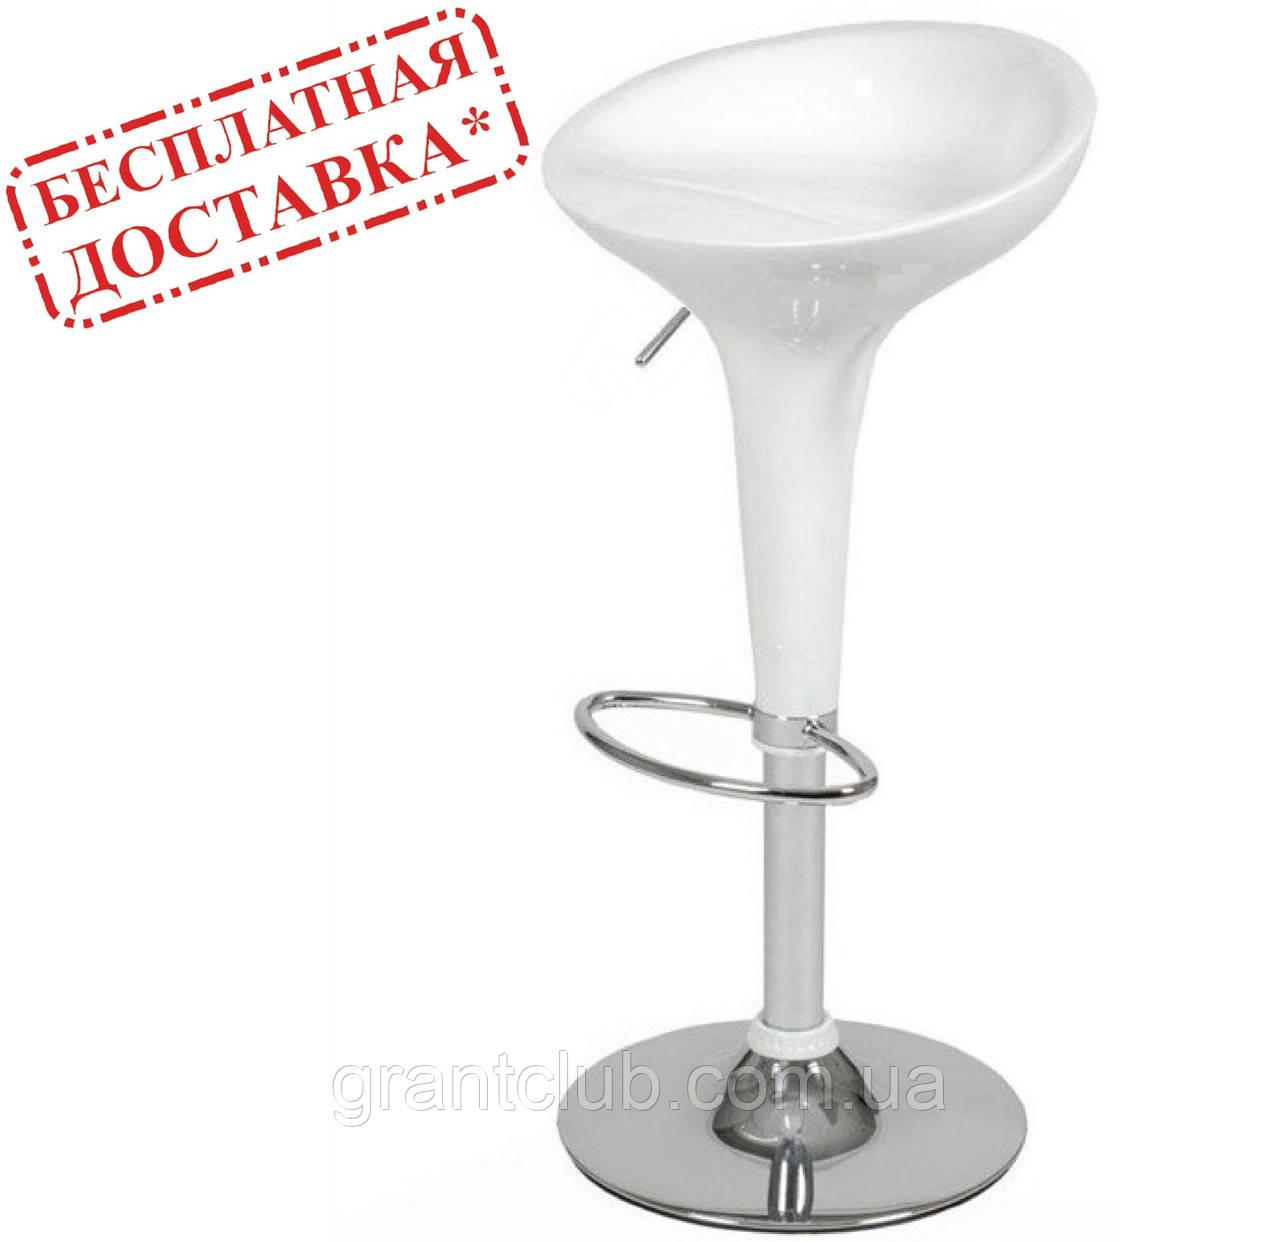 Стул барный Эпл белый пластик СДМ группа (бесплатная доставка)